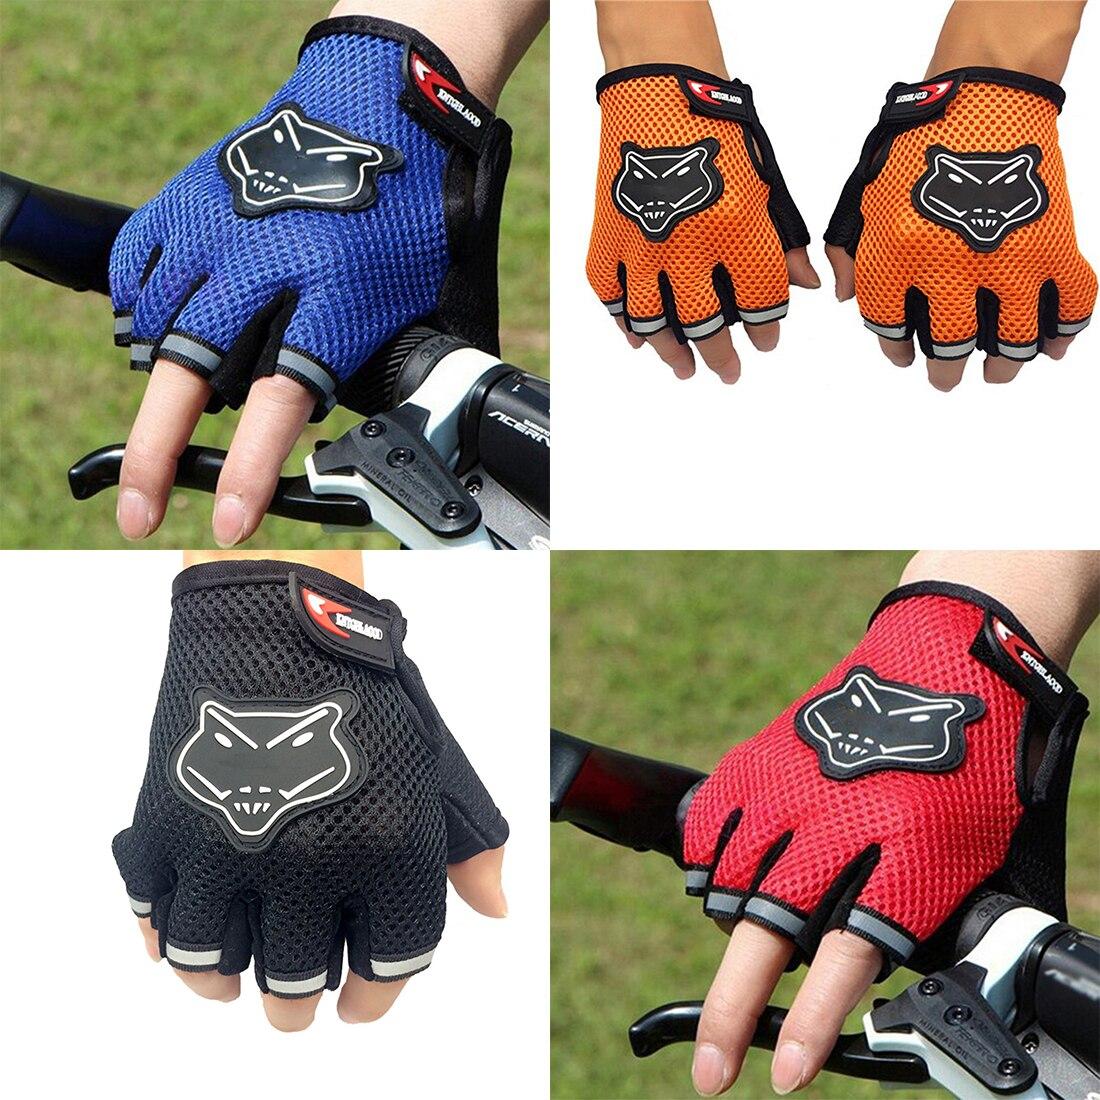 Спортивный зал Прихватки для мангала Для мужчин Фитнес тренировки Нескользящие Перчатки Атлетический Половина Finger Средства ухода за кожей тренировки Для мужчин Для женщин перчатки